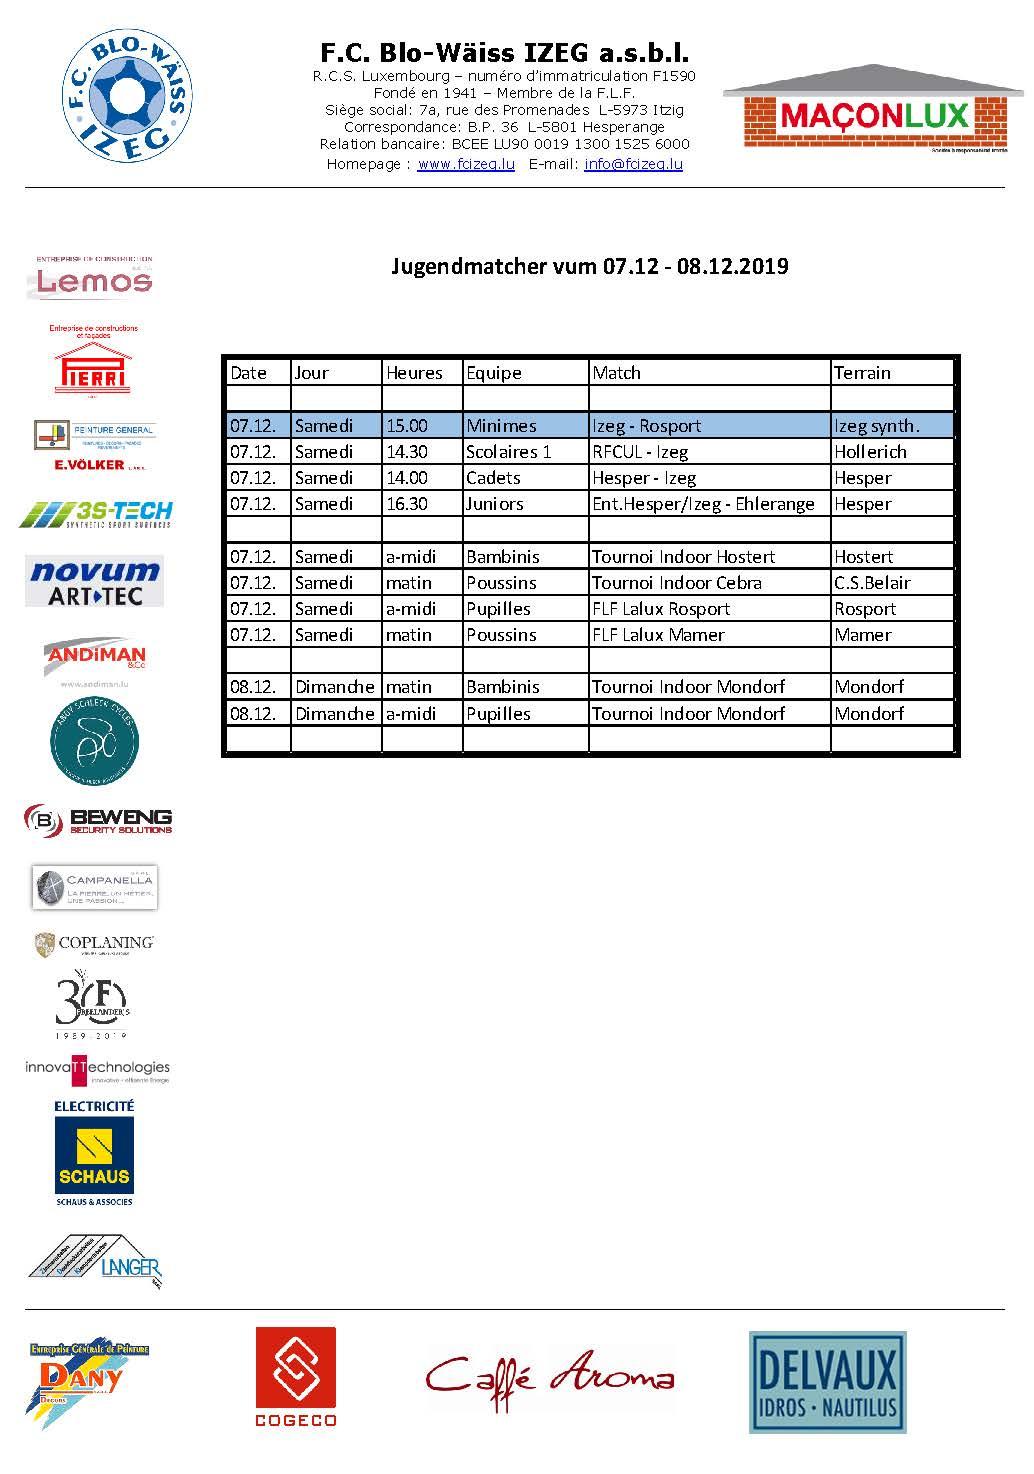 Jugendmatcher vum 07. an 08. Dezember